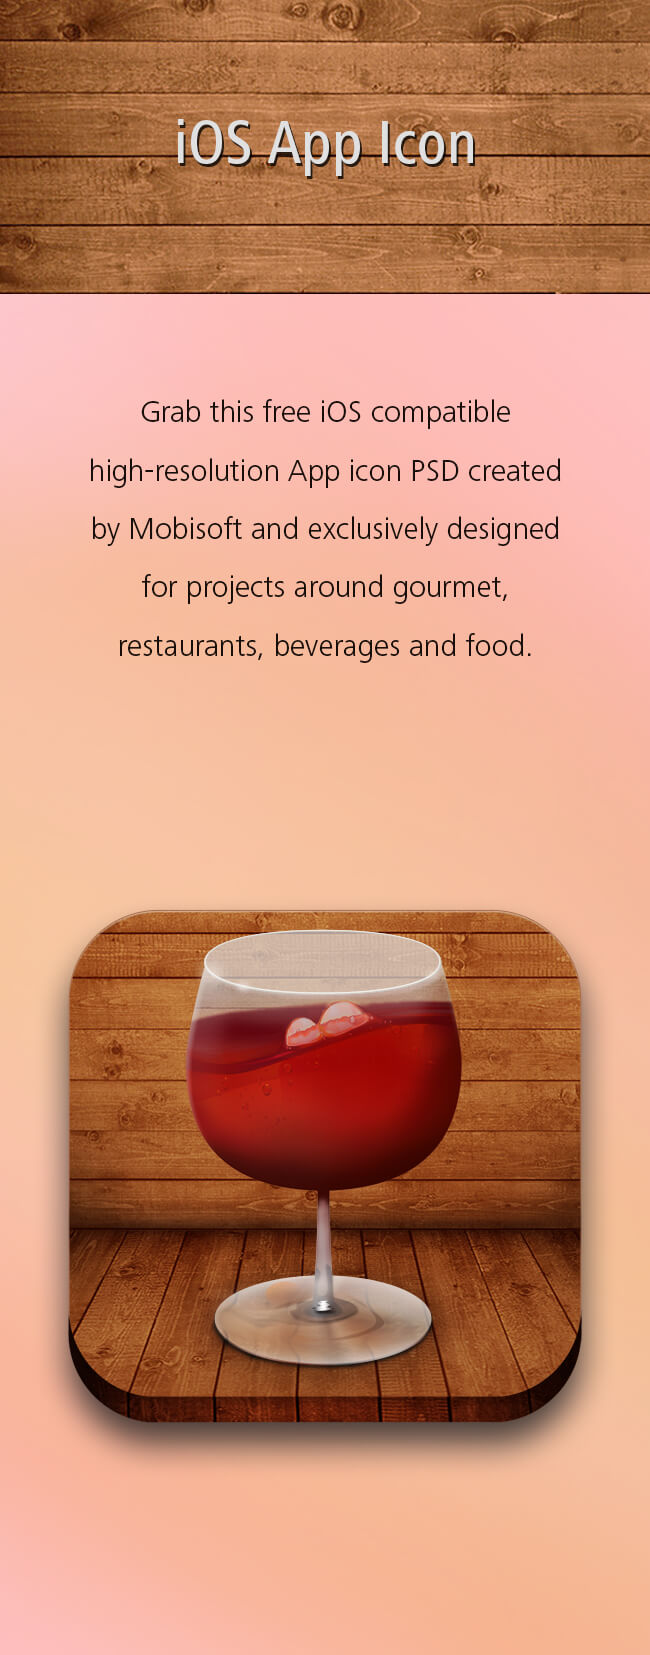 Wine-app-icon_06